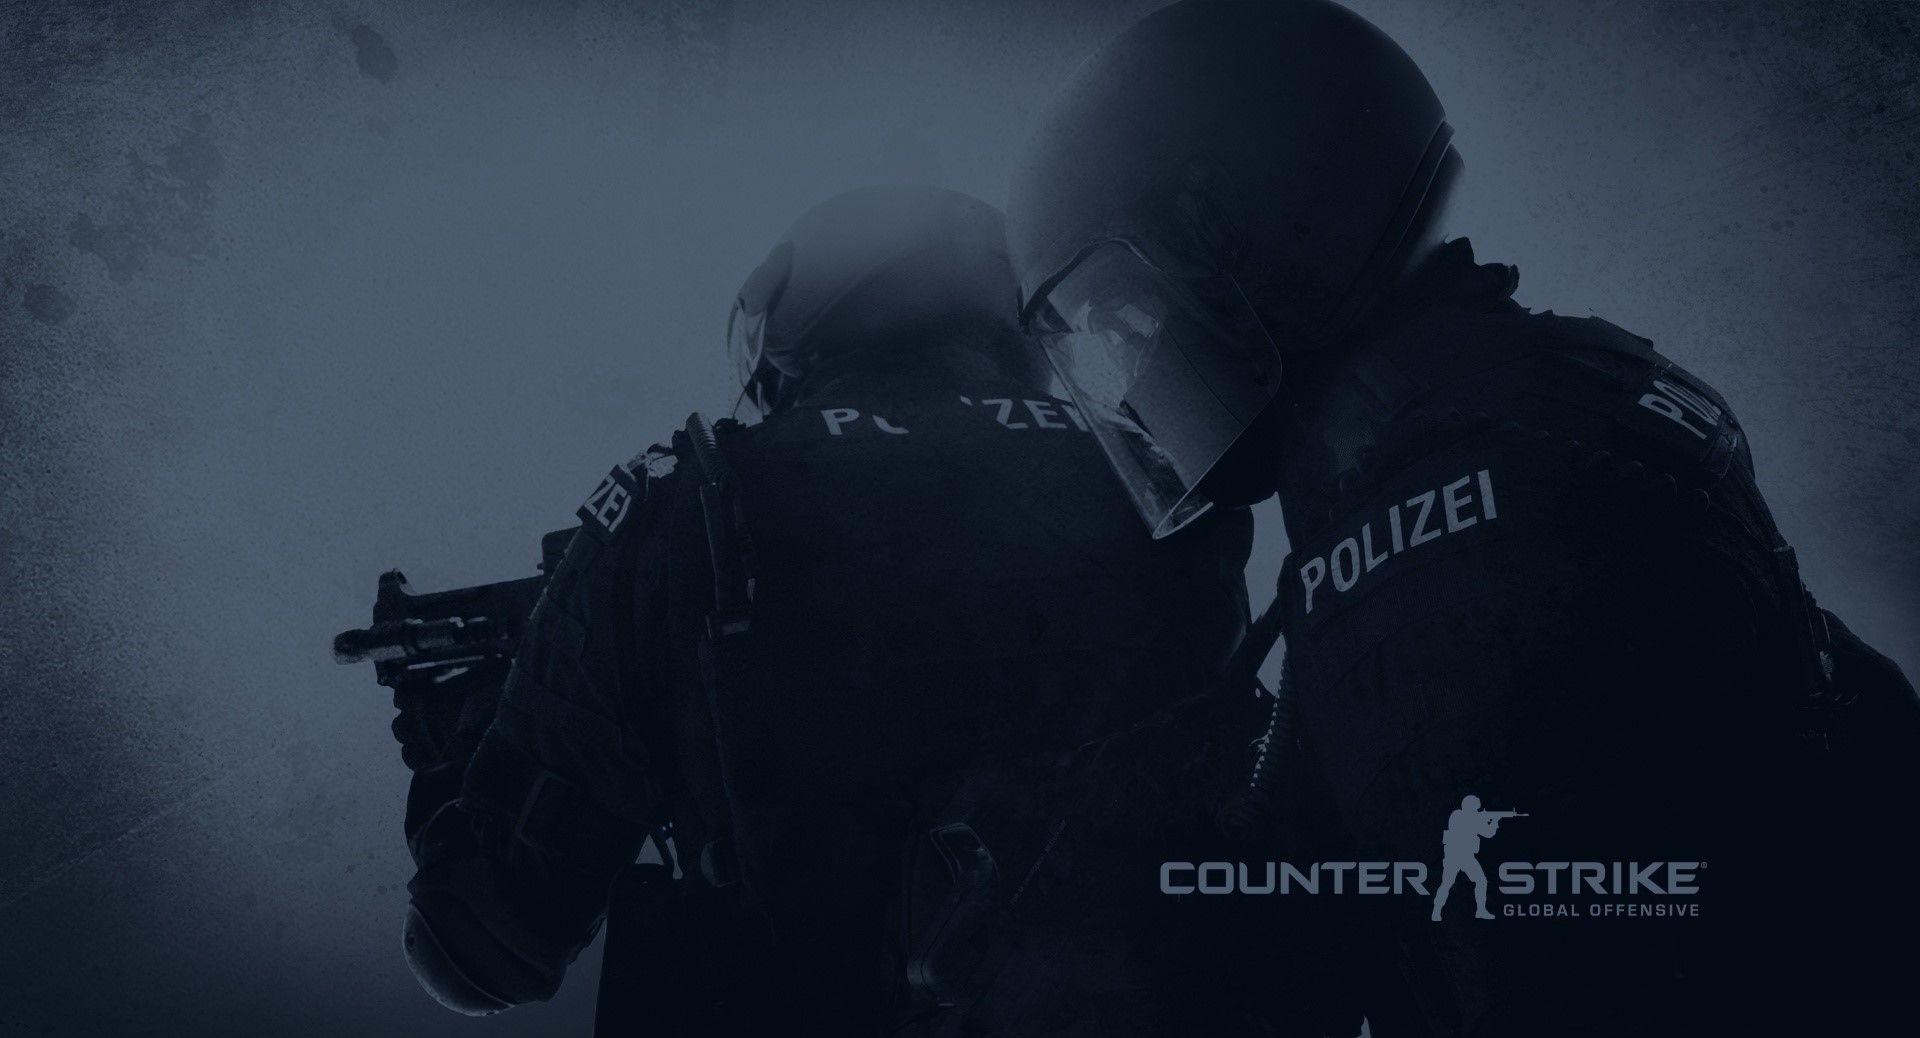 CS: GO oyuncu sayısında ciddi düşüş yaşanıyor